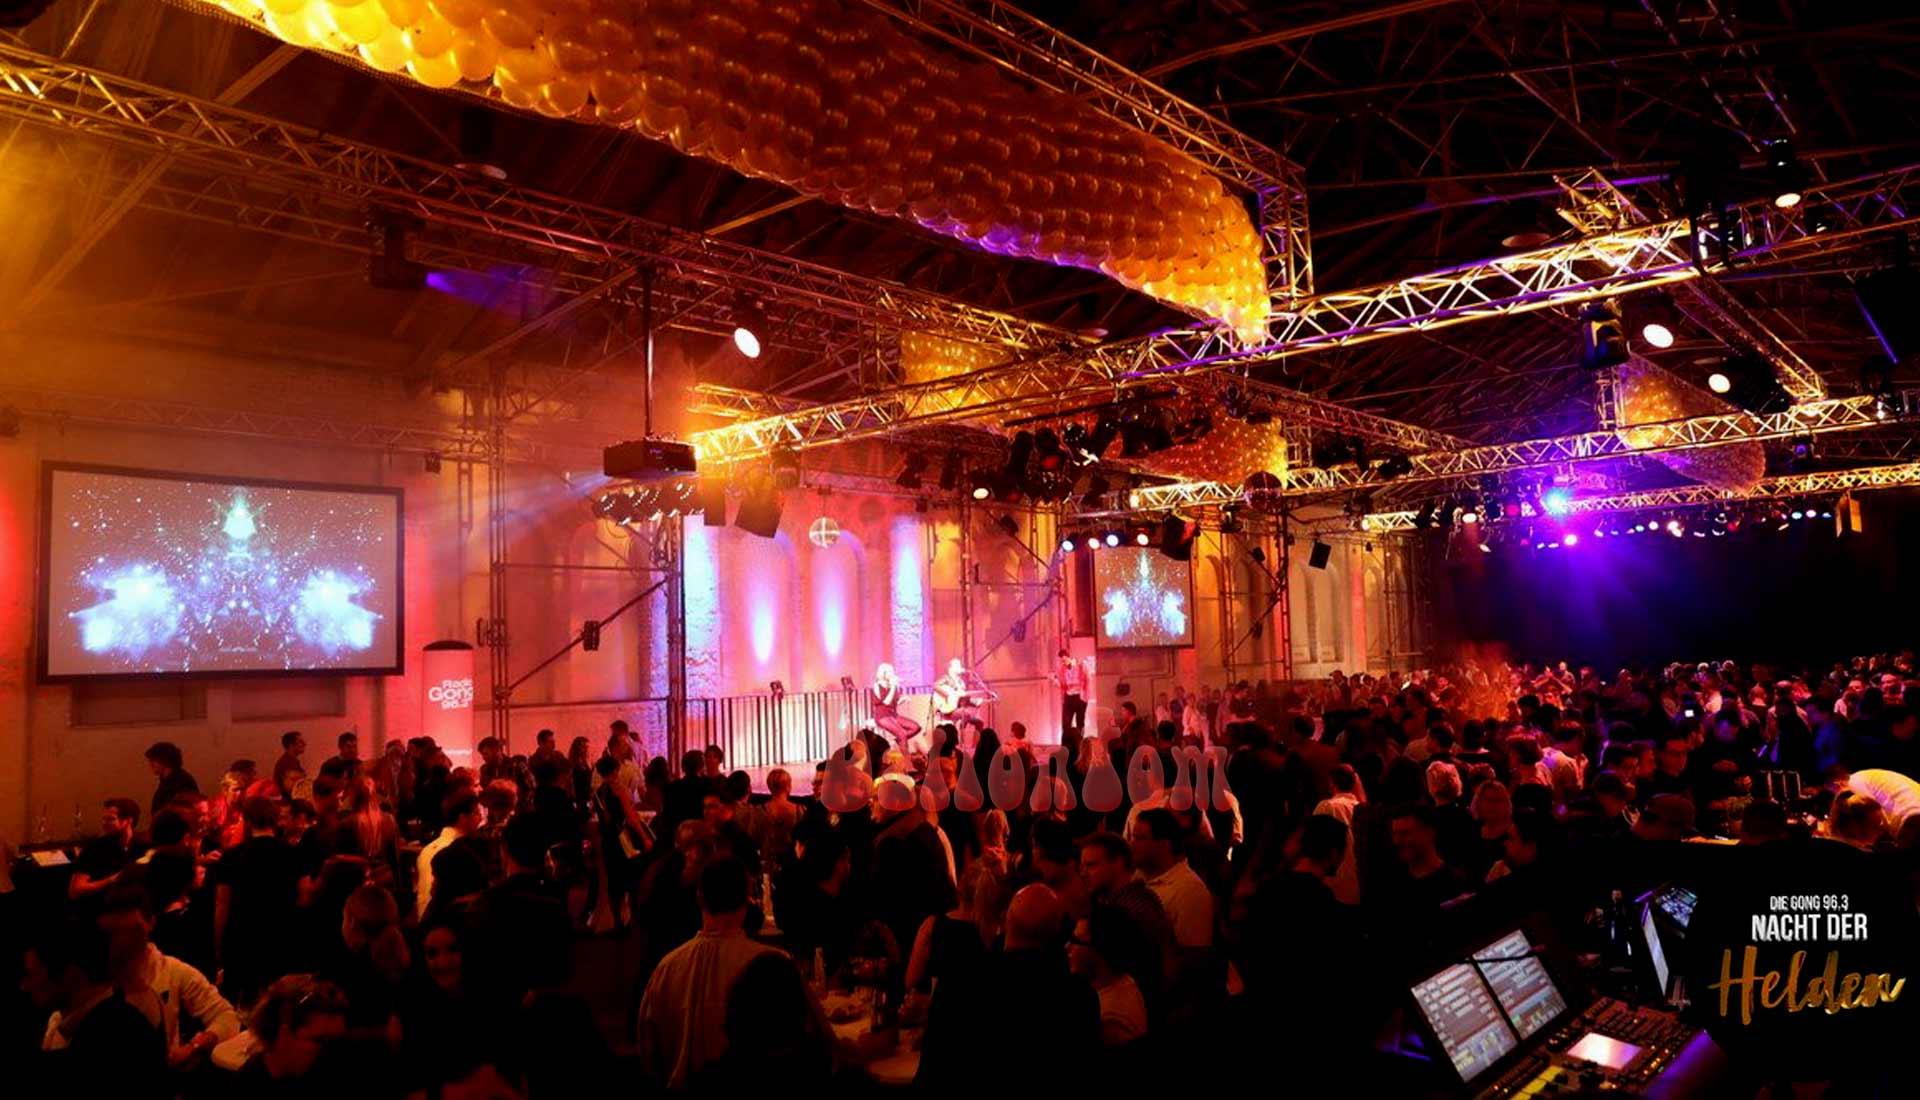 Luftballonregen Radio Gong 96,3 München zur Nacht der Helde von ballontom